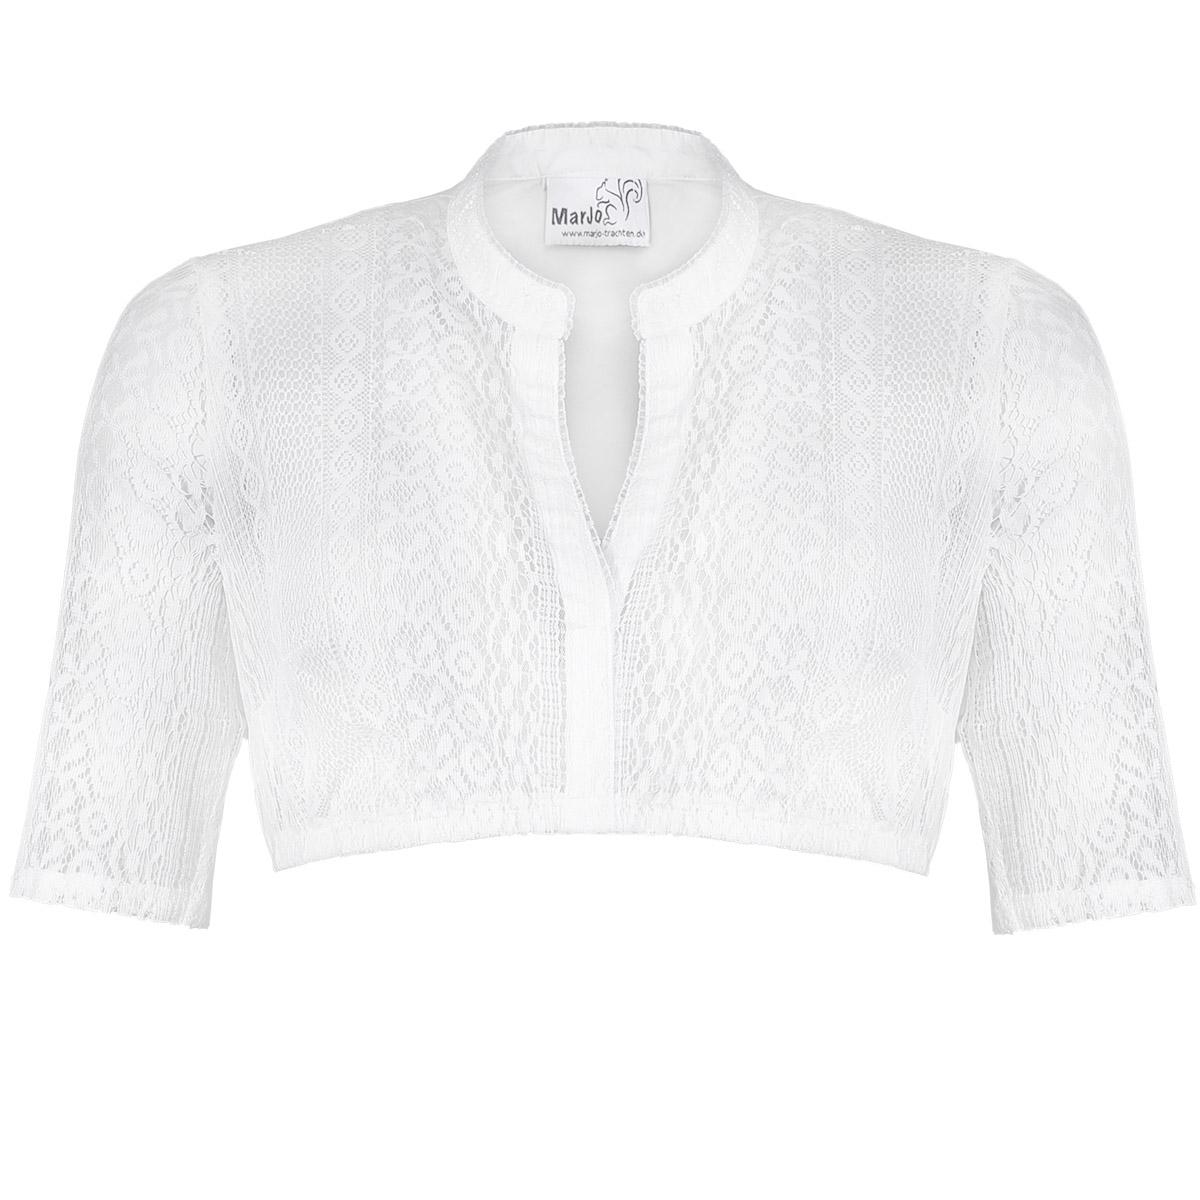 Dirndlbluse Fabienne-Linda in Off-white von Marjo Trachten günstig online kaufen